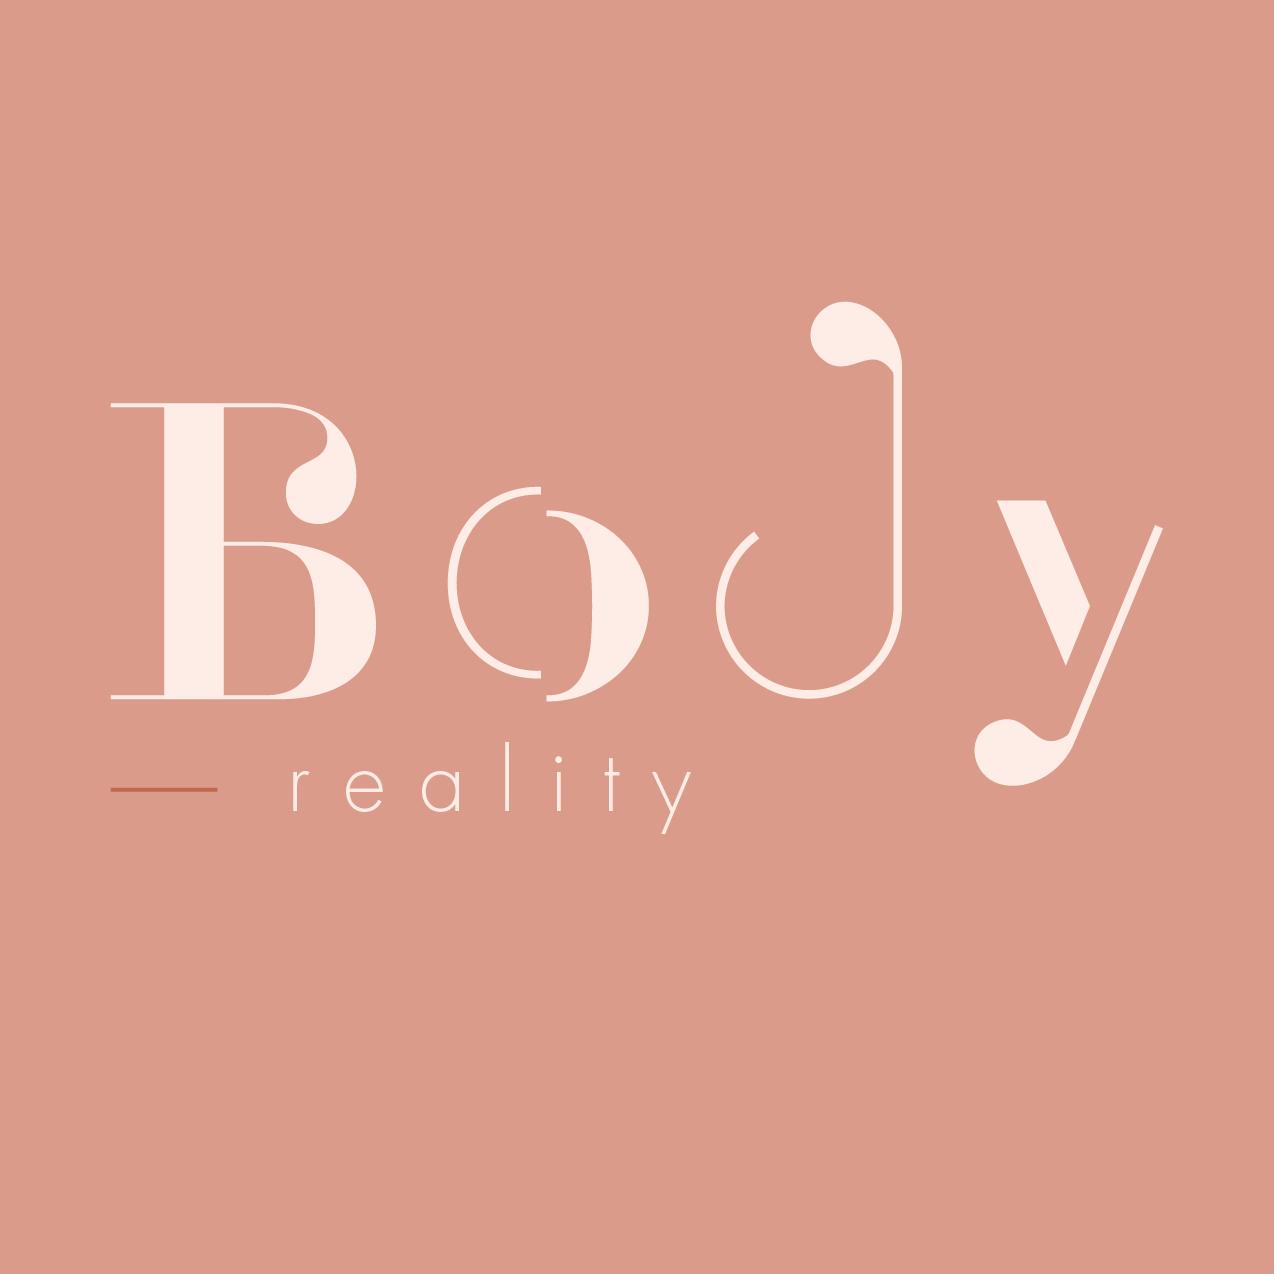 body identité visuelle